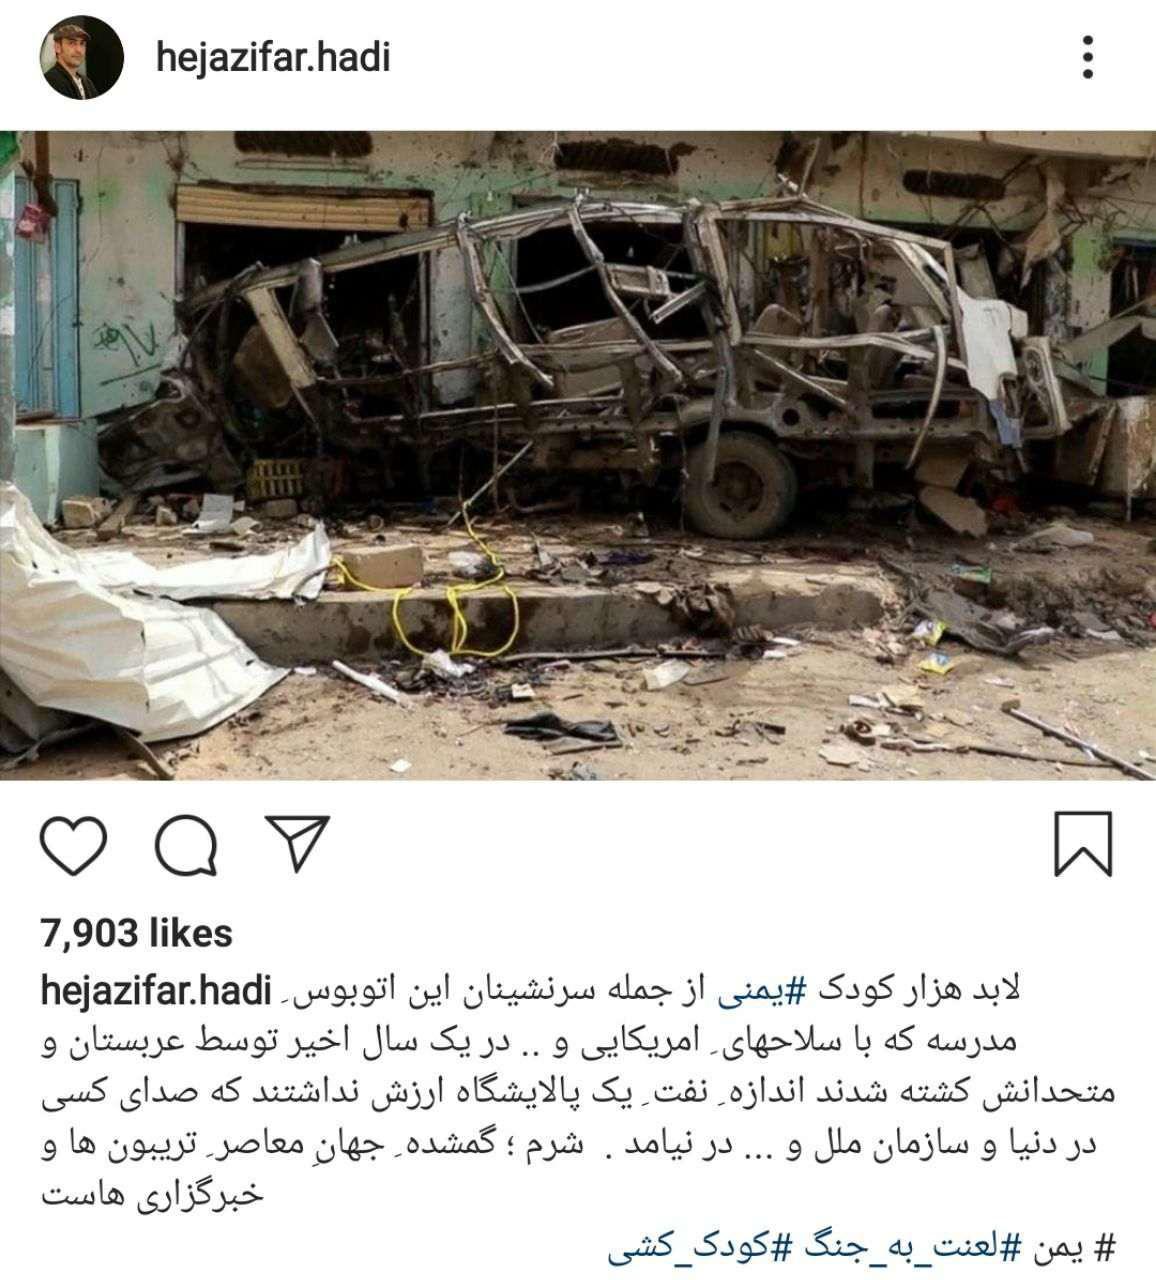 واکنش هادی حجازیفر به حواشی حمله به آرامکو عربستان